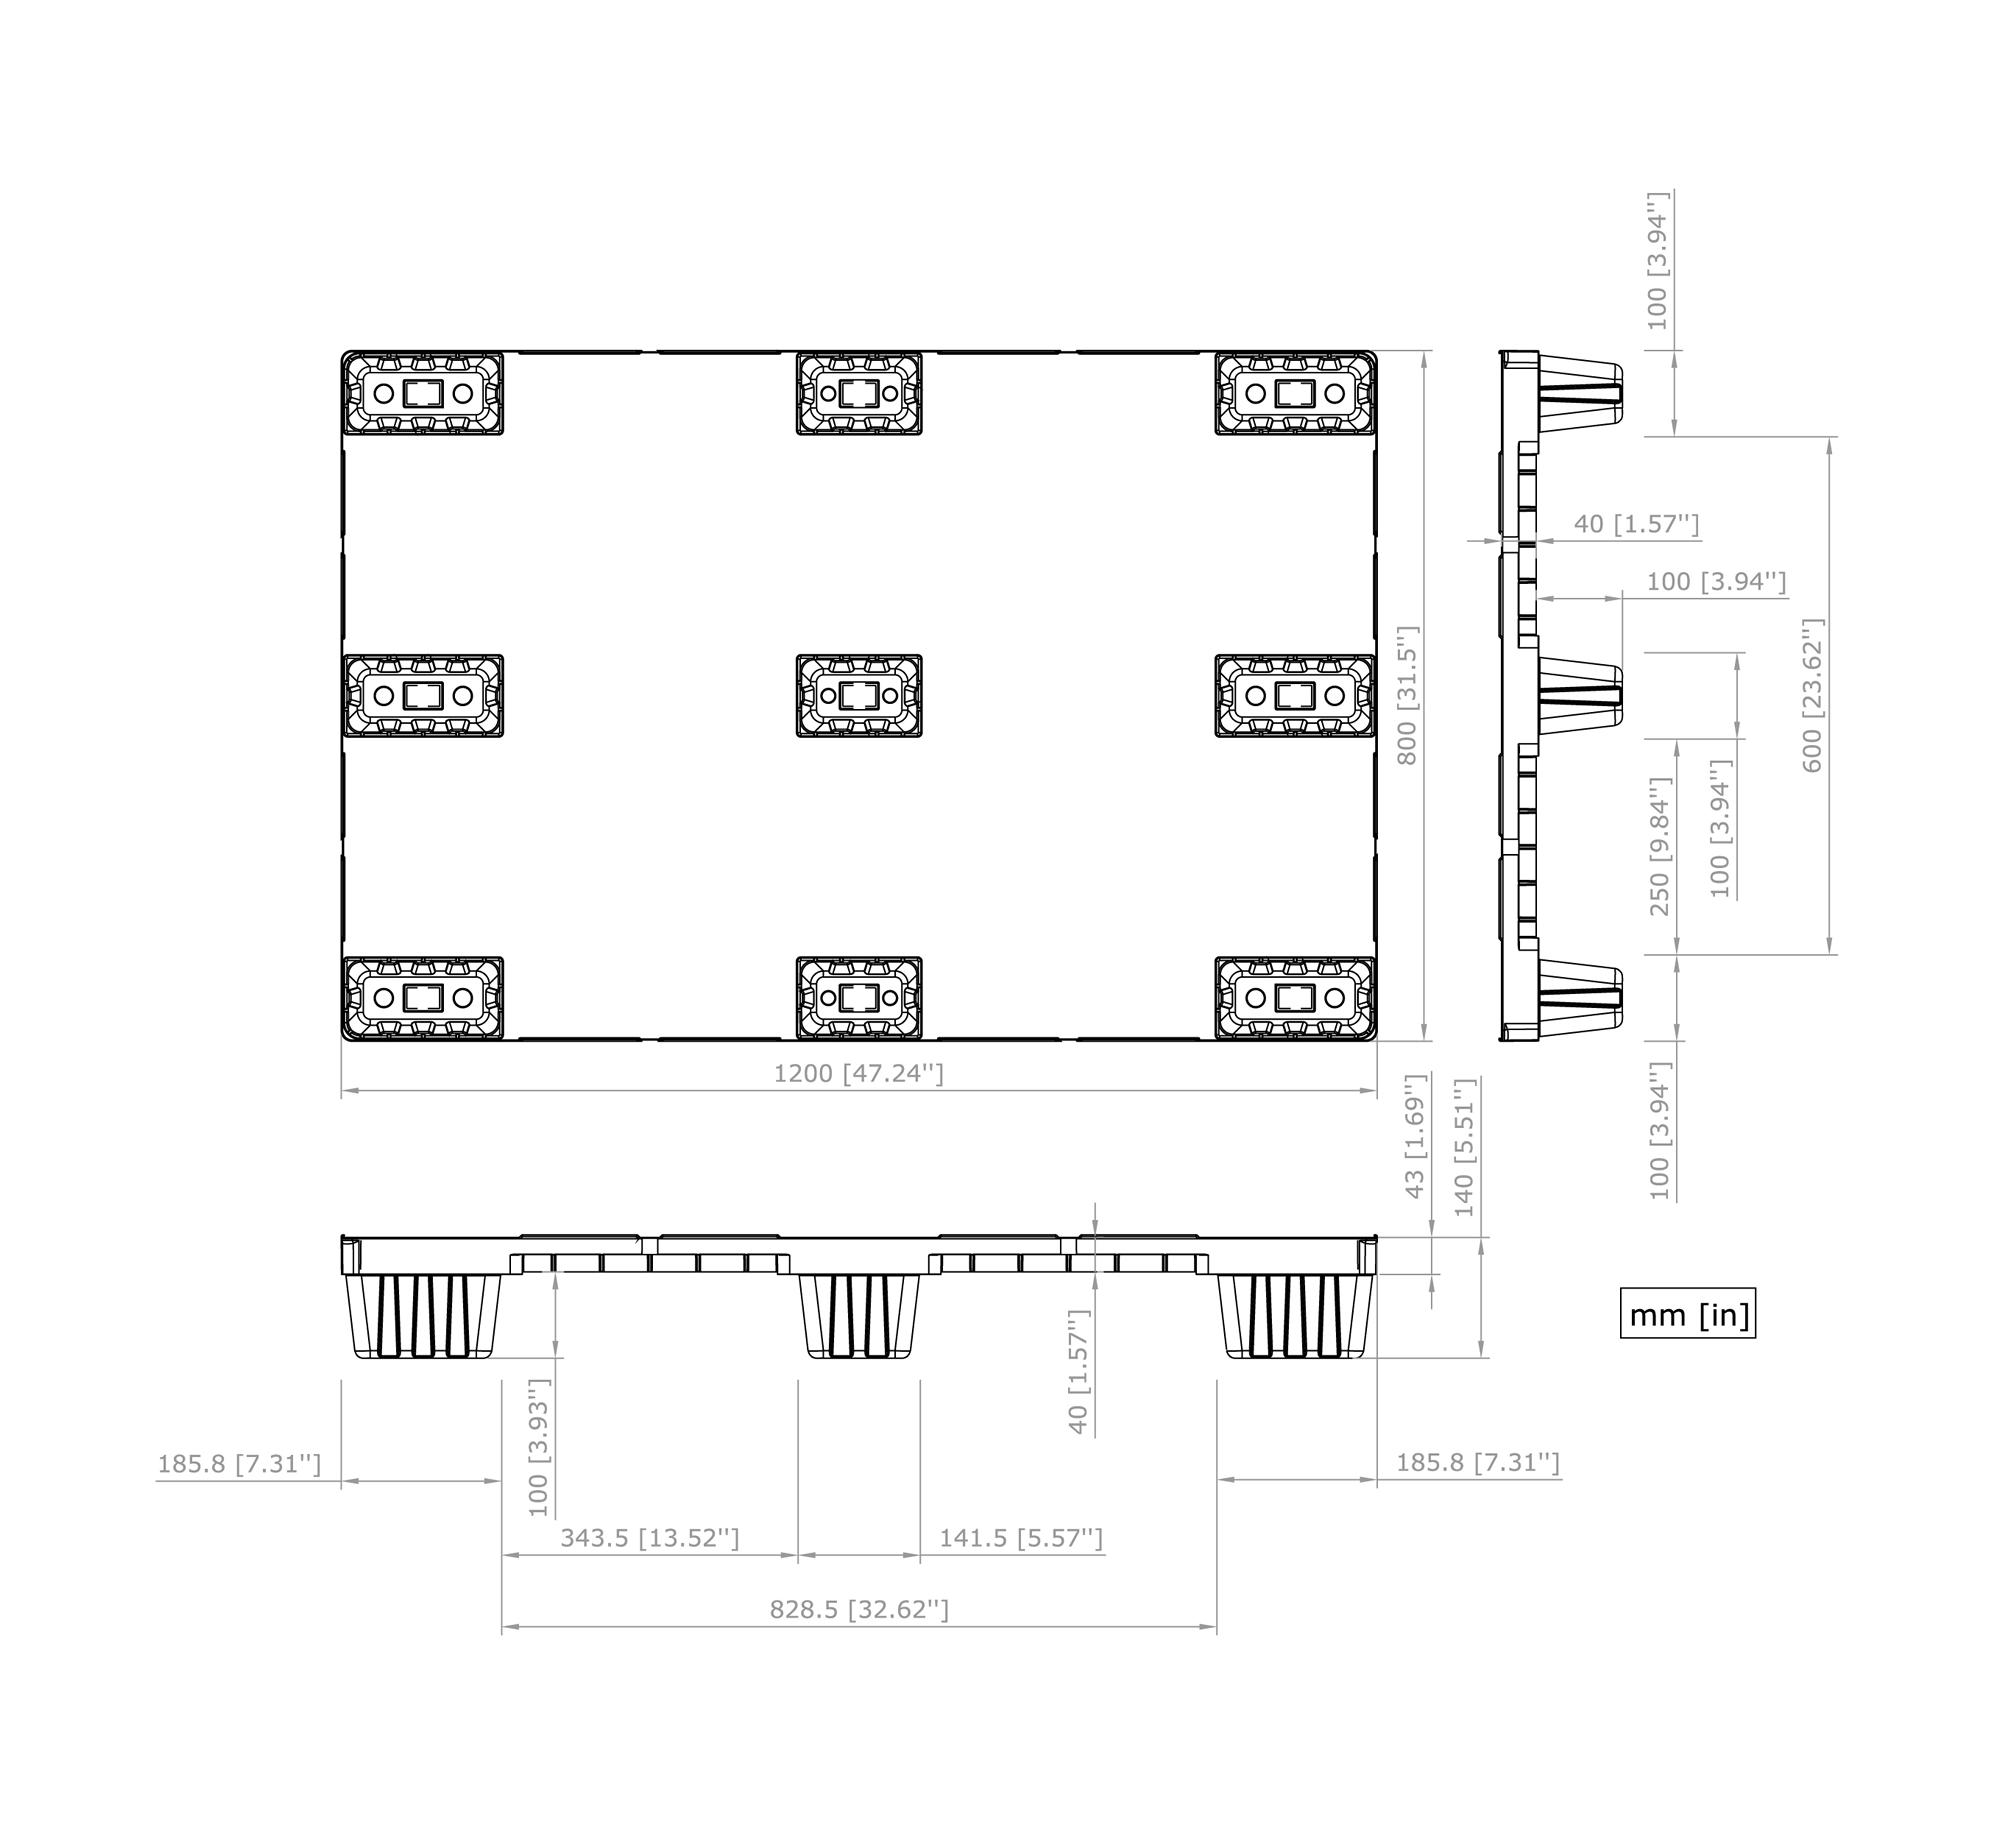 Geschlossene Nestbare Leichte Europalette Basic 1208 C9 Nortpalet